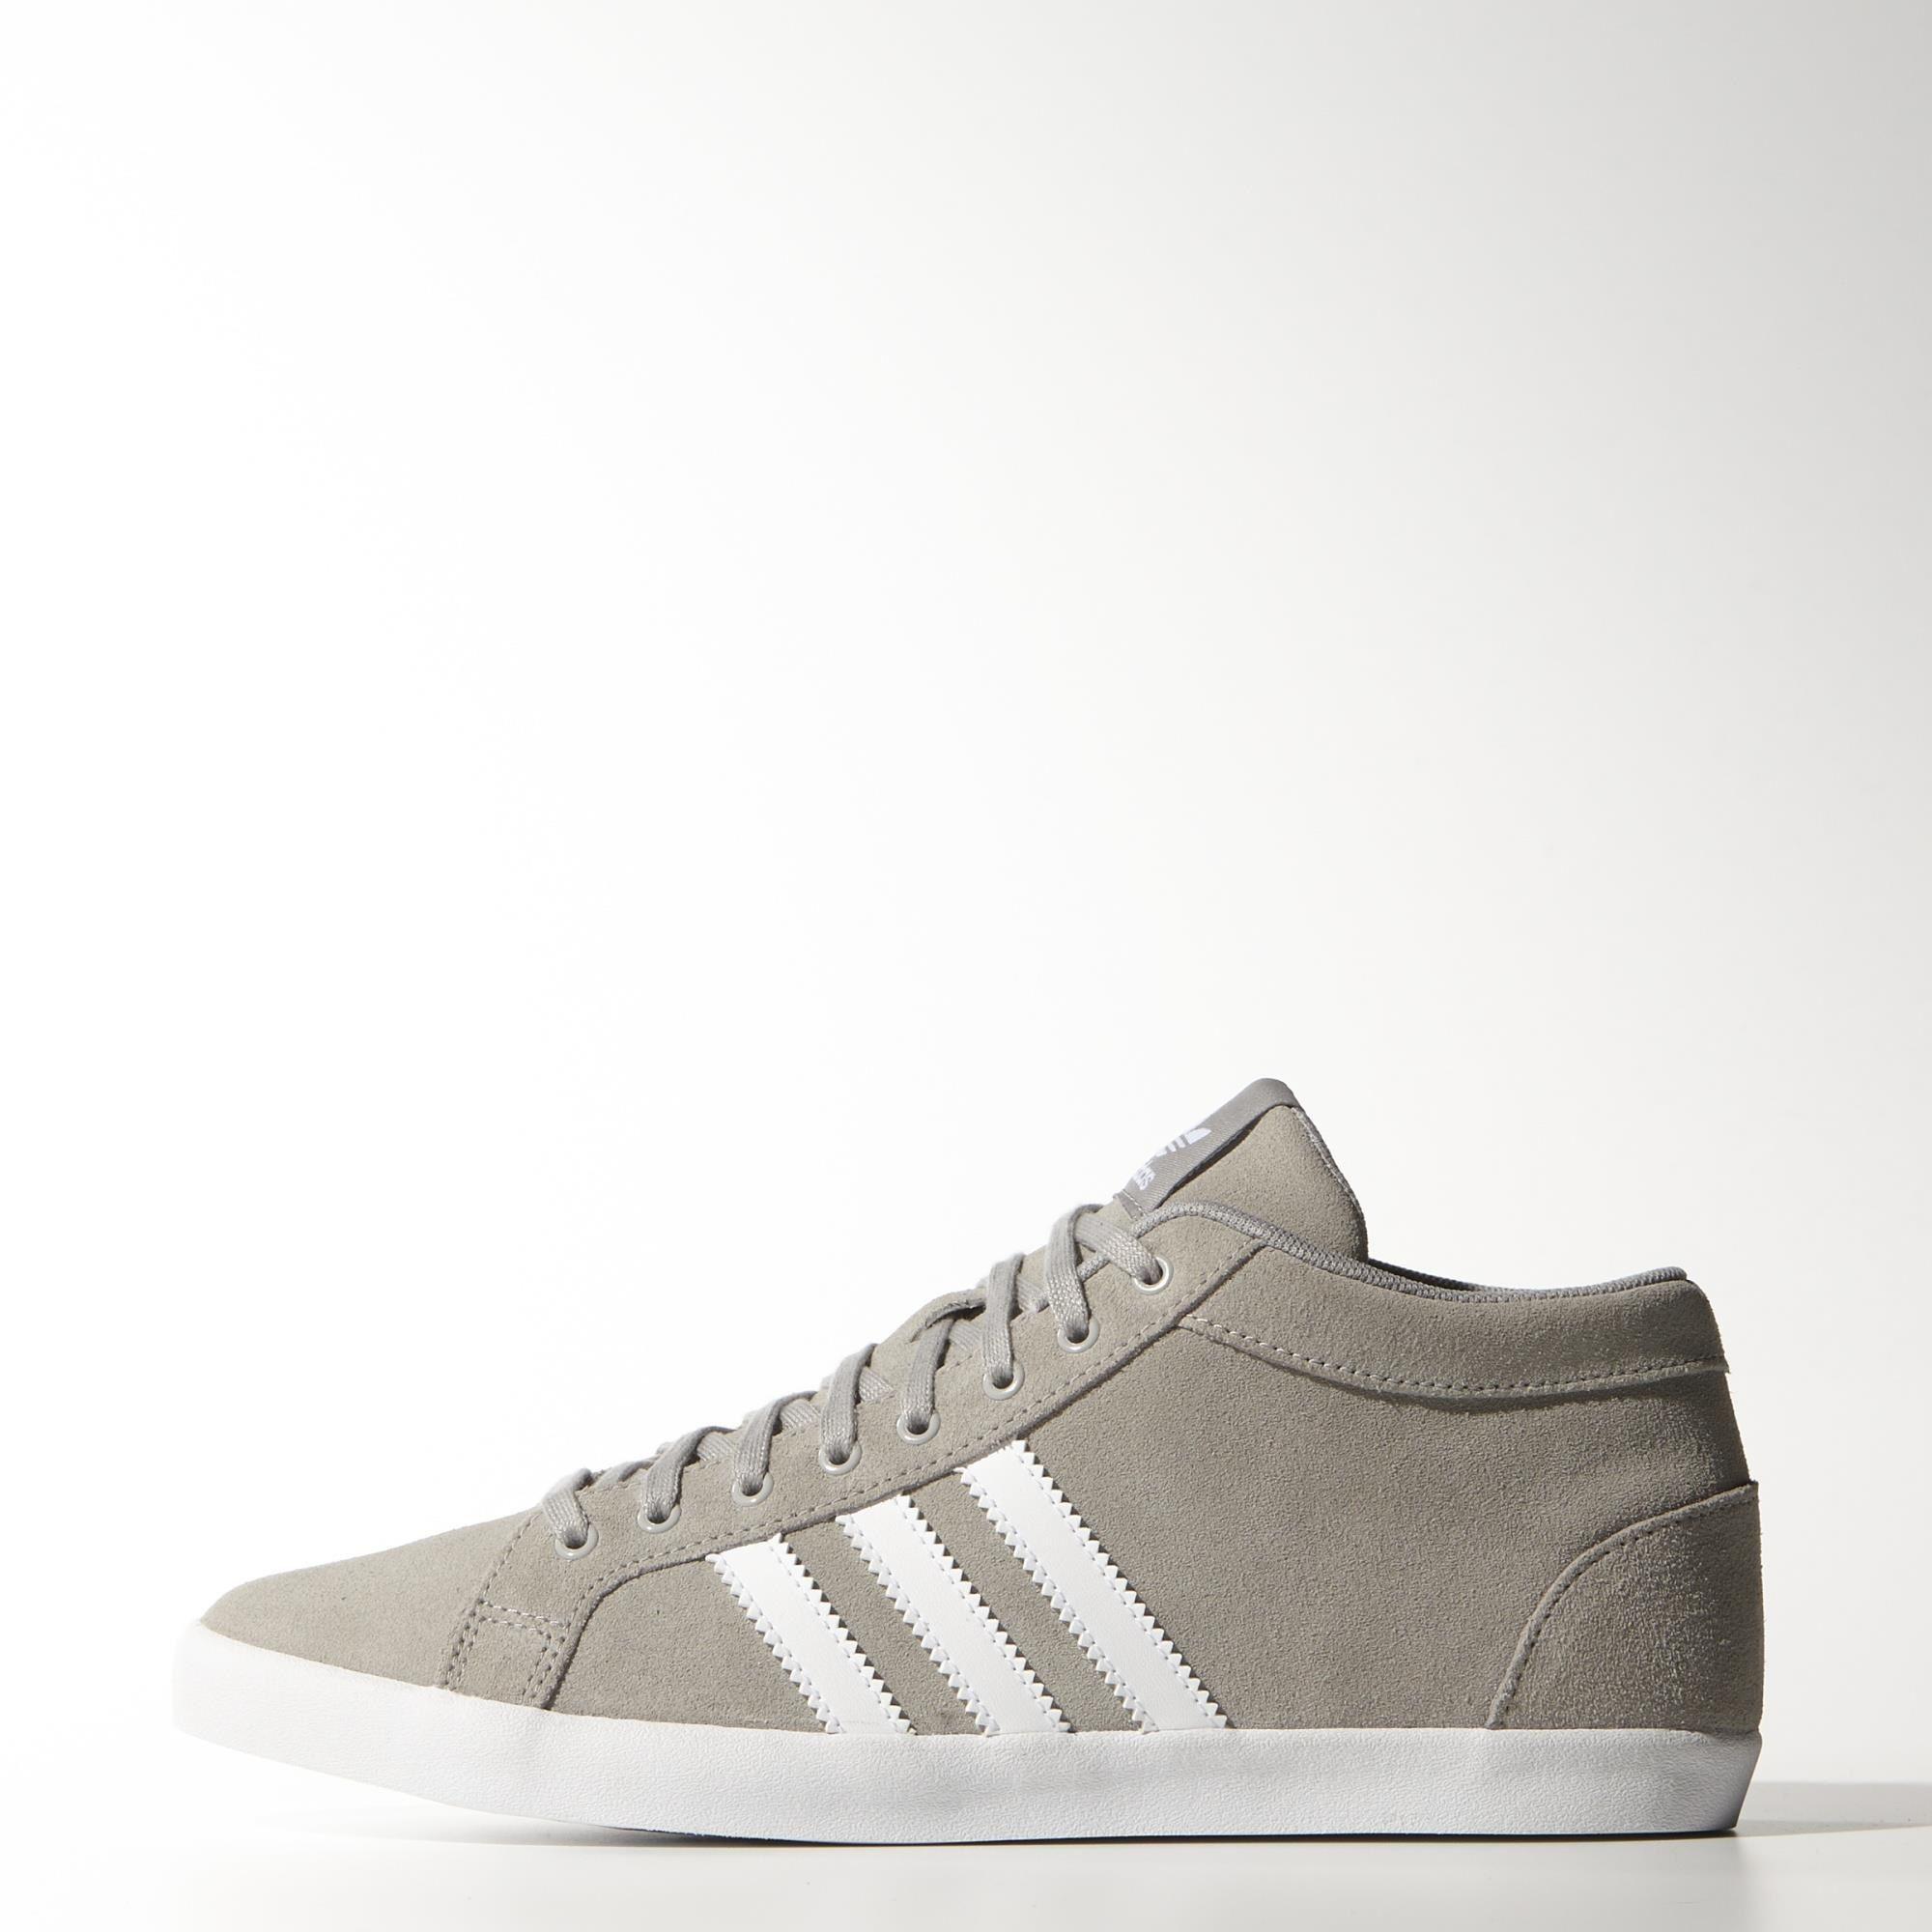 adidas adria ps 3 strisce metà scarpe in grigio - couture